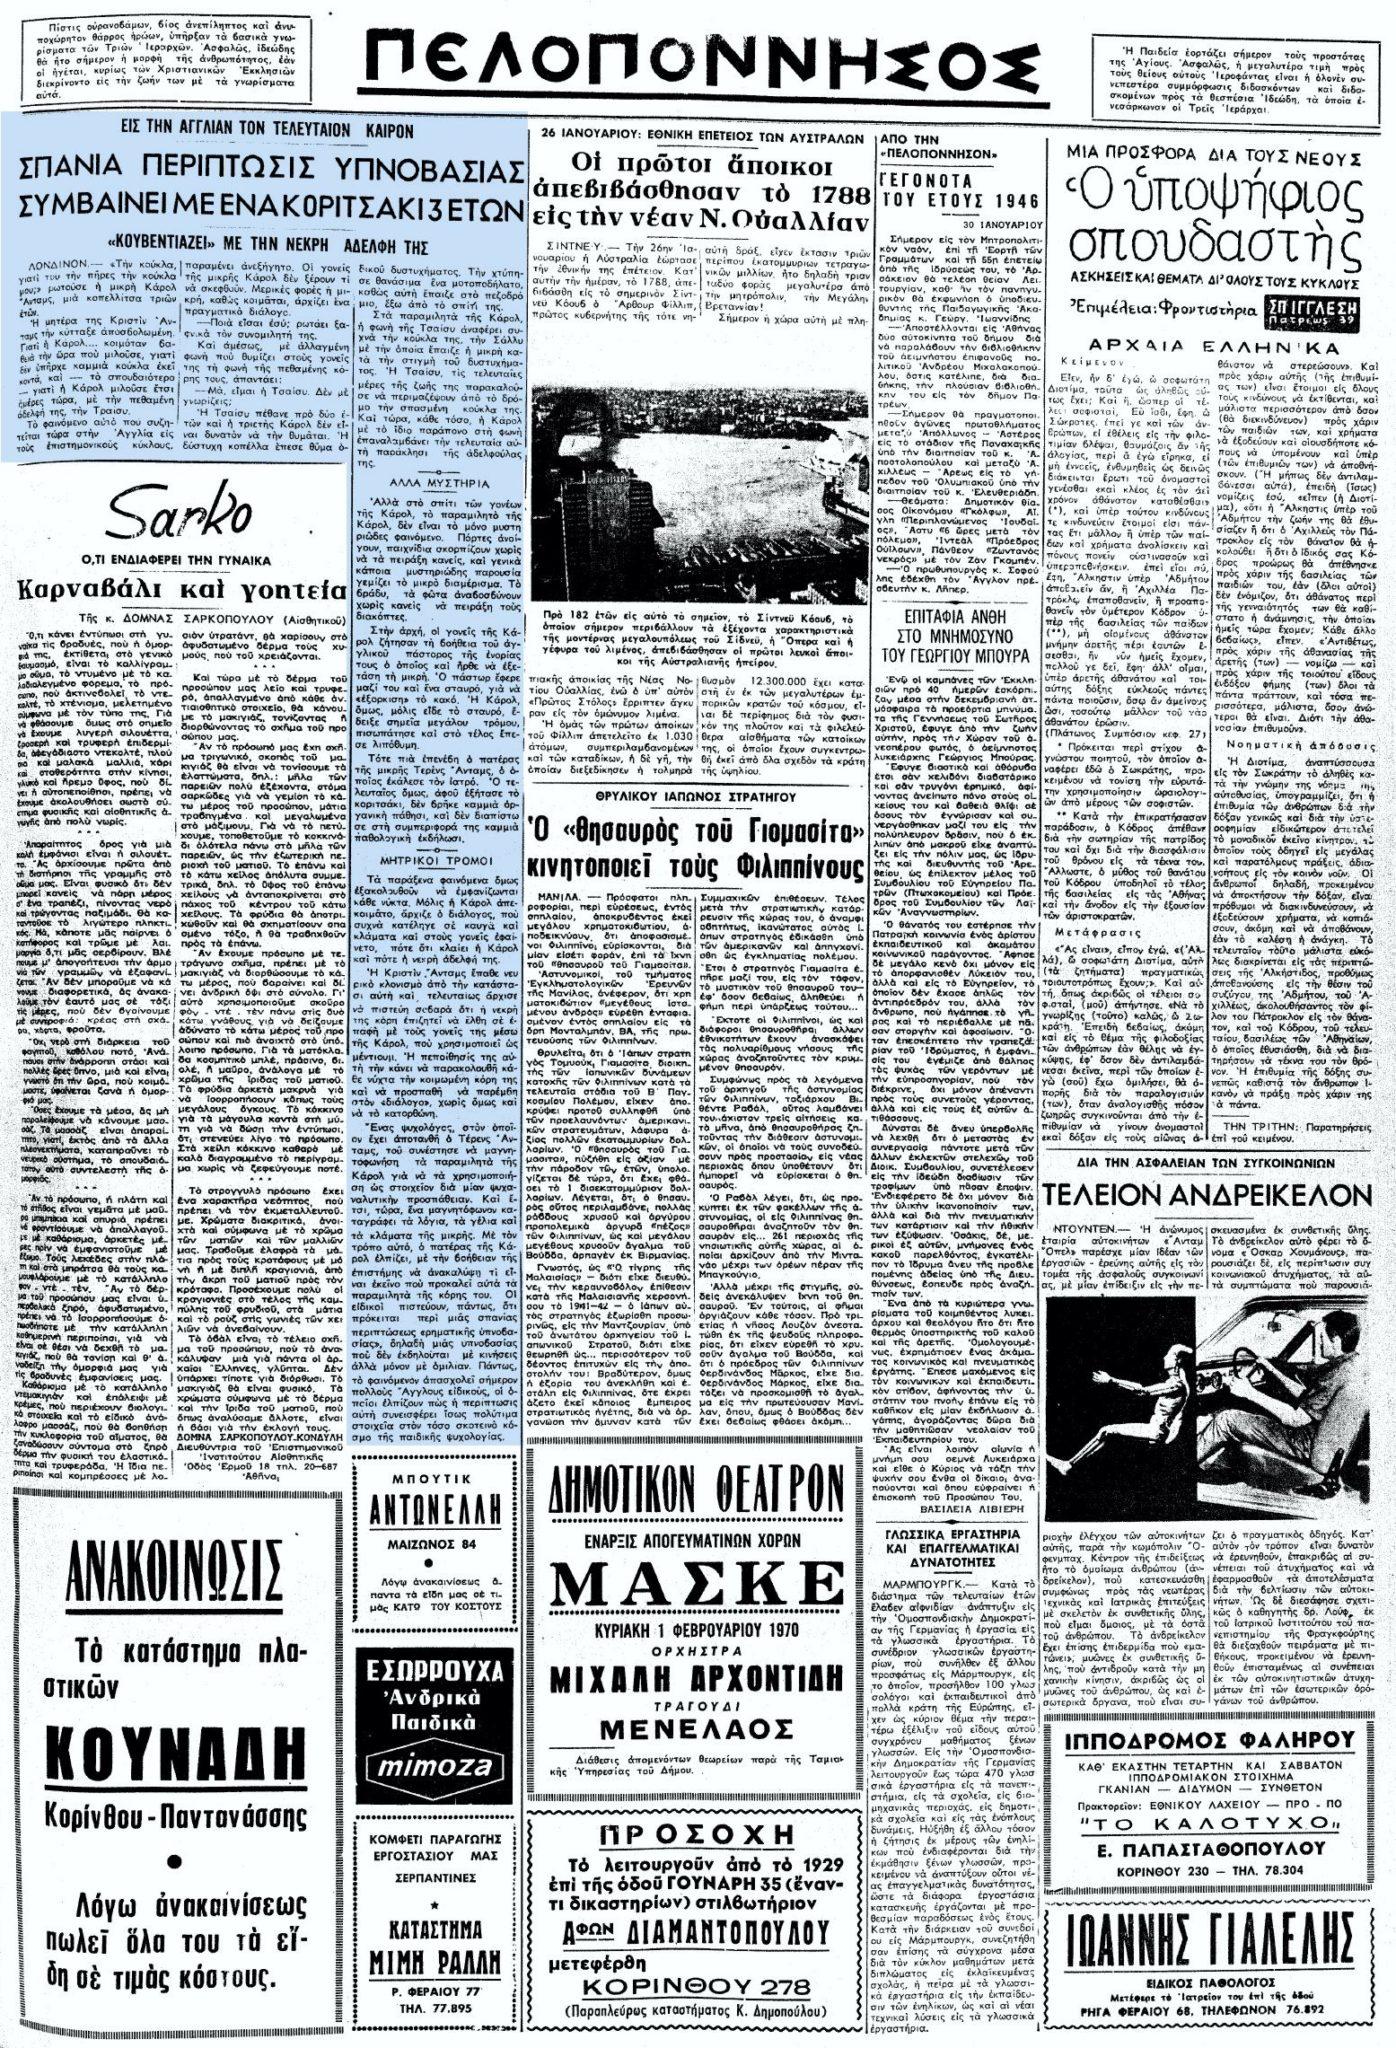 """Το άρθρο, όπως δημοσιεύθηκε στην εφημερίδα """"ΠΕΛΟΠΟΝΝΗΣΟΣ"""", στις 30/01/1970"""